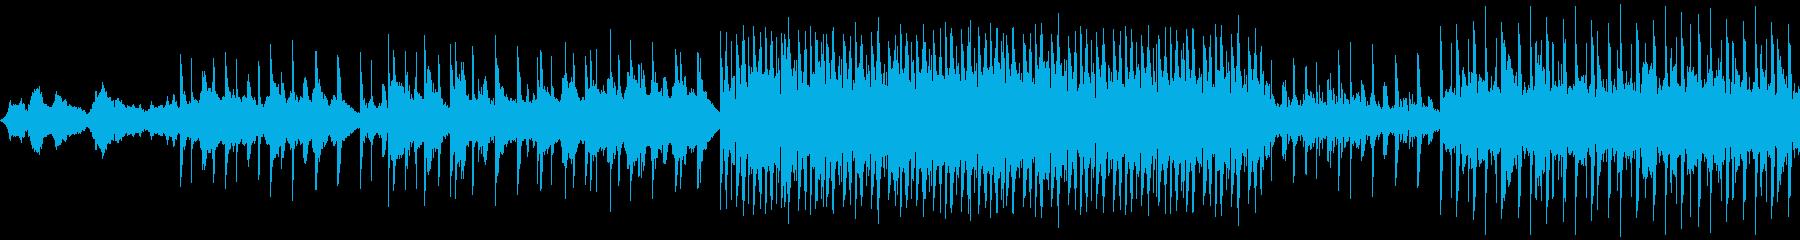 ミステリアスでひっそりしたメロディーの再生済みの波形